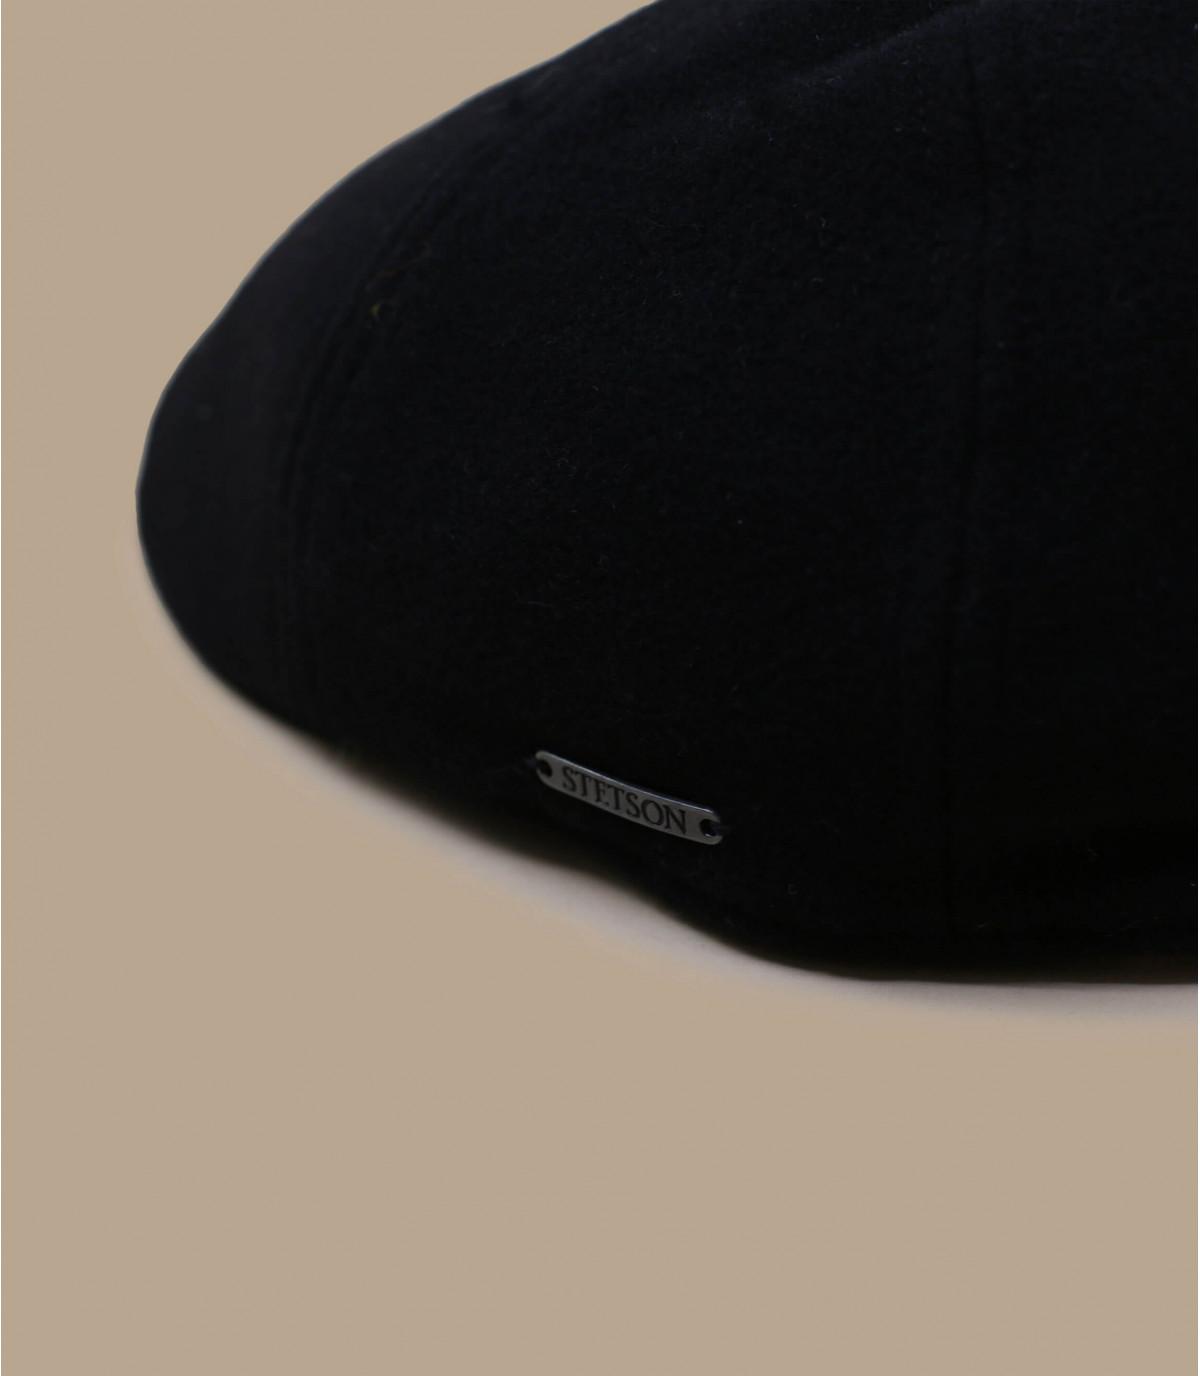 Détails Texas wool cashmere black - image 2